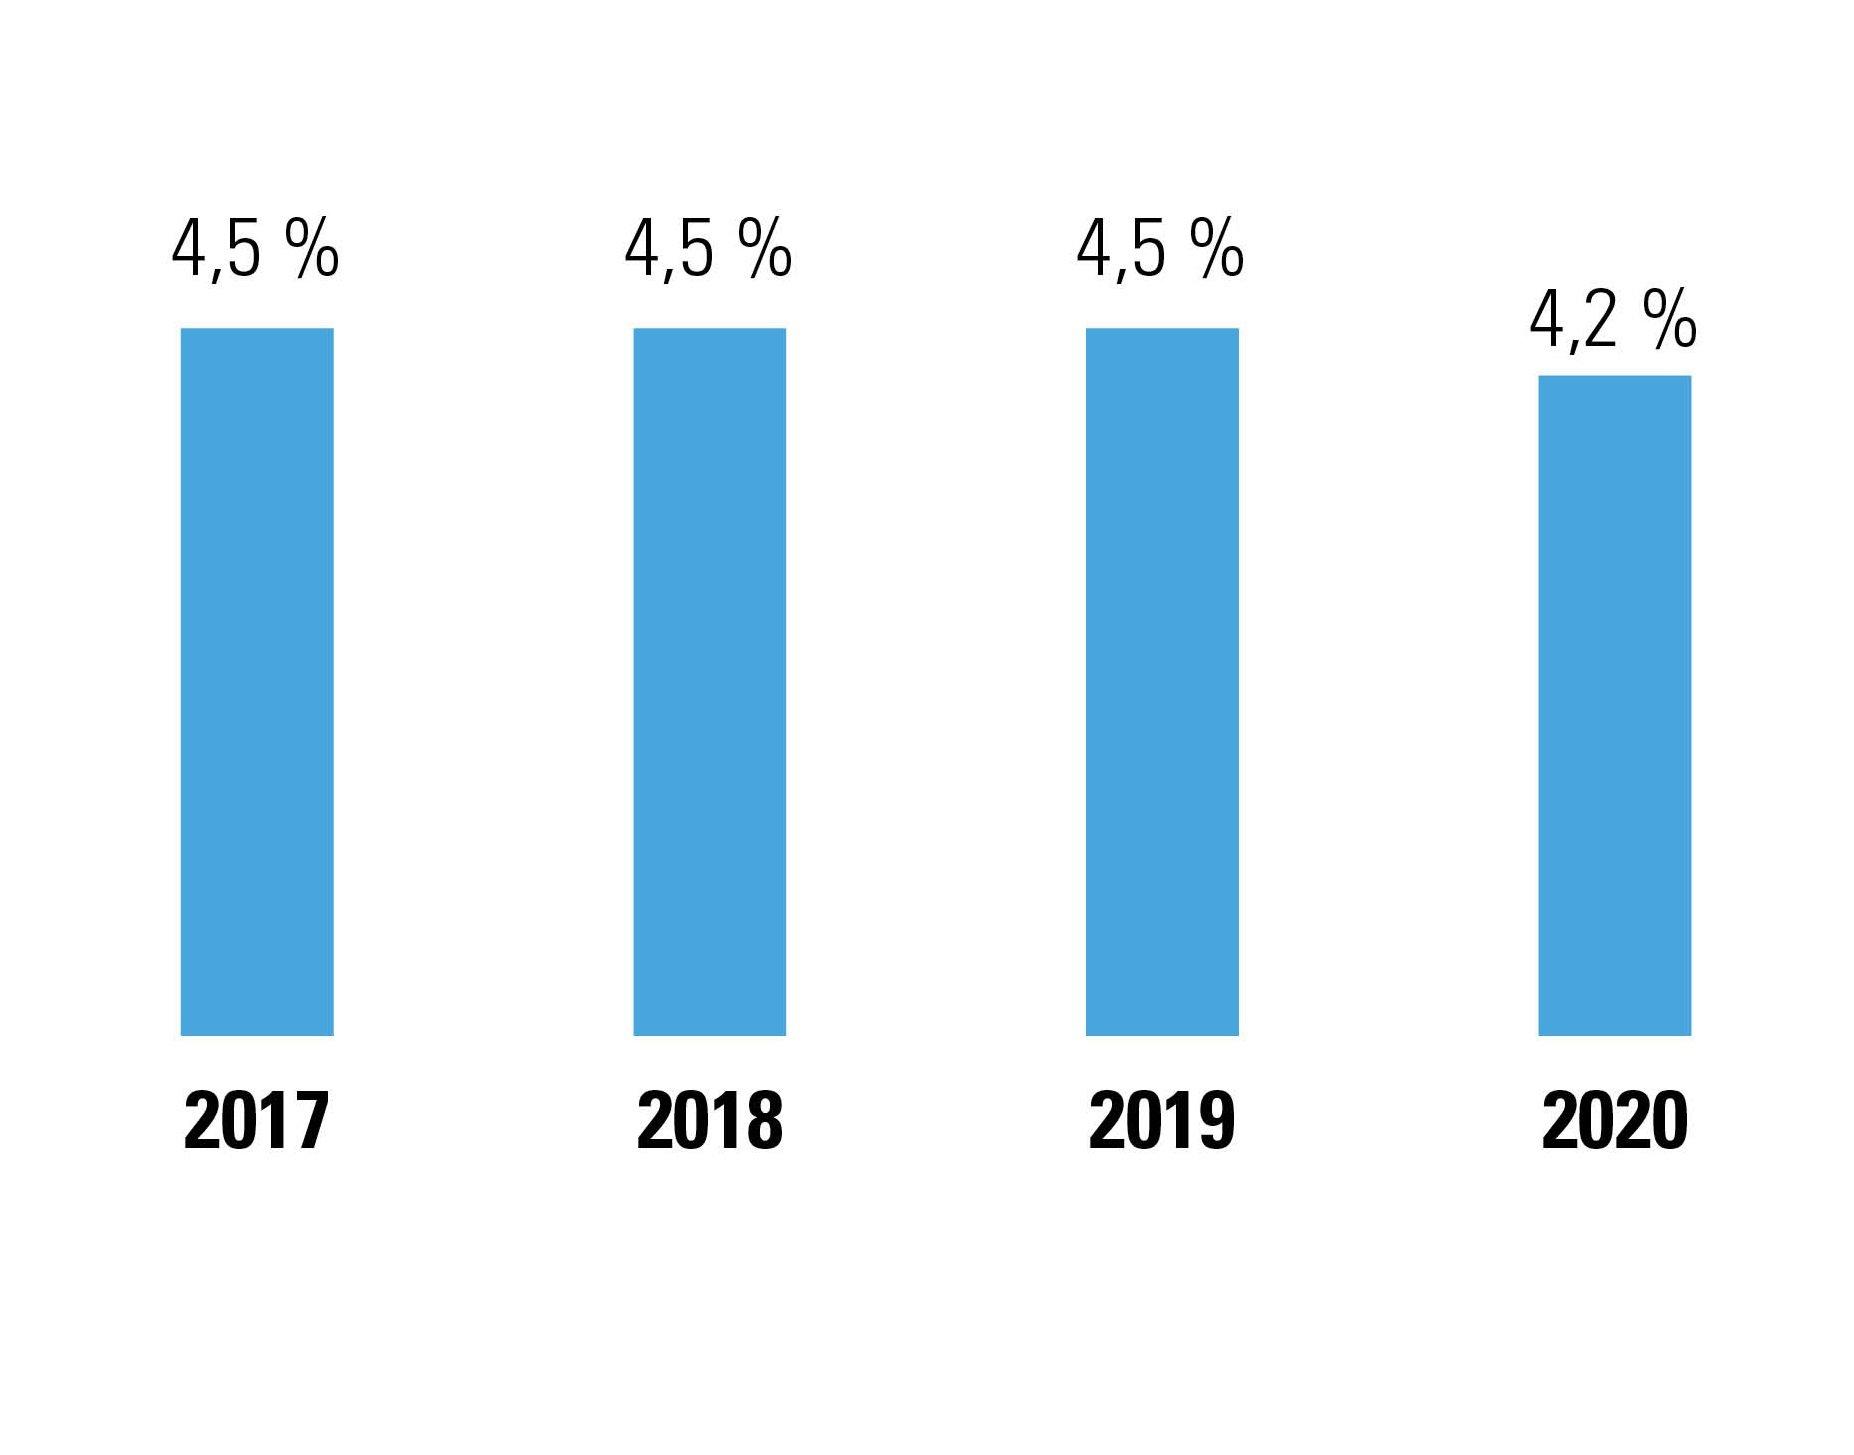 Figuur 1: % werknemers dat in de eerste 4 maanden van het jaar het dubbel vakantiegeld uitbetaald kreeg